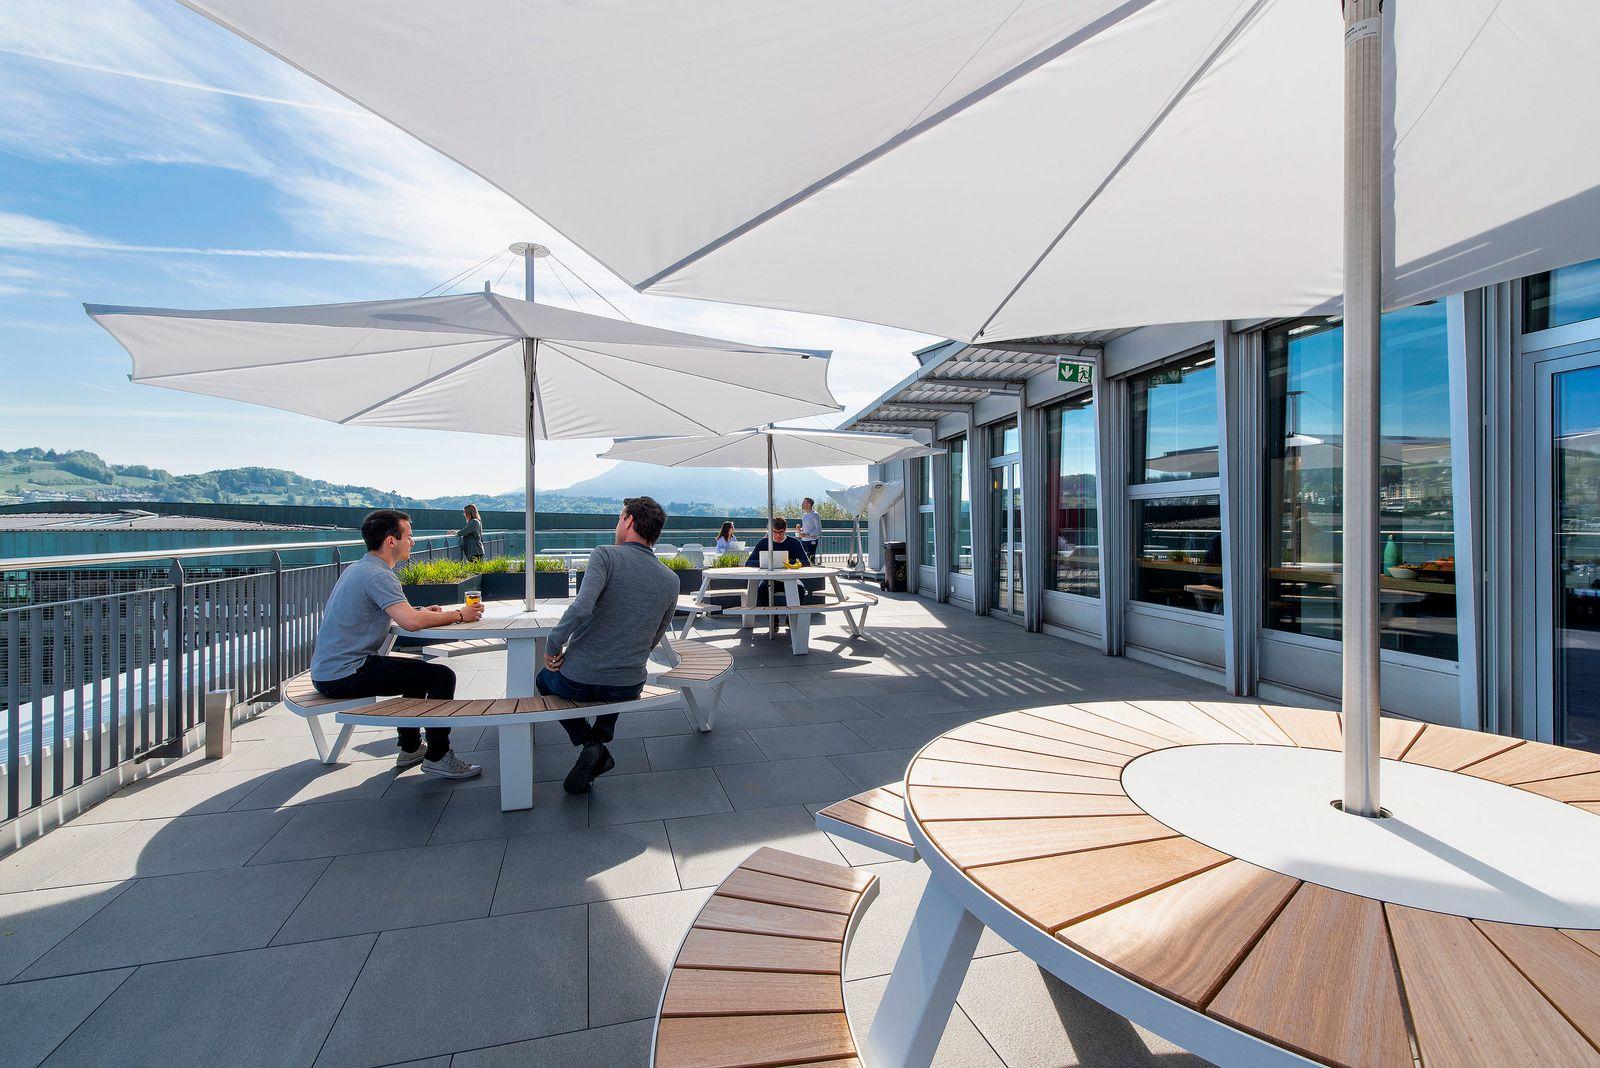 Terrassen für das Arbeiten im Freien